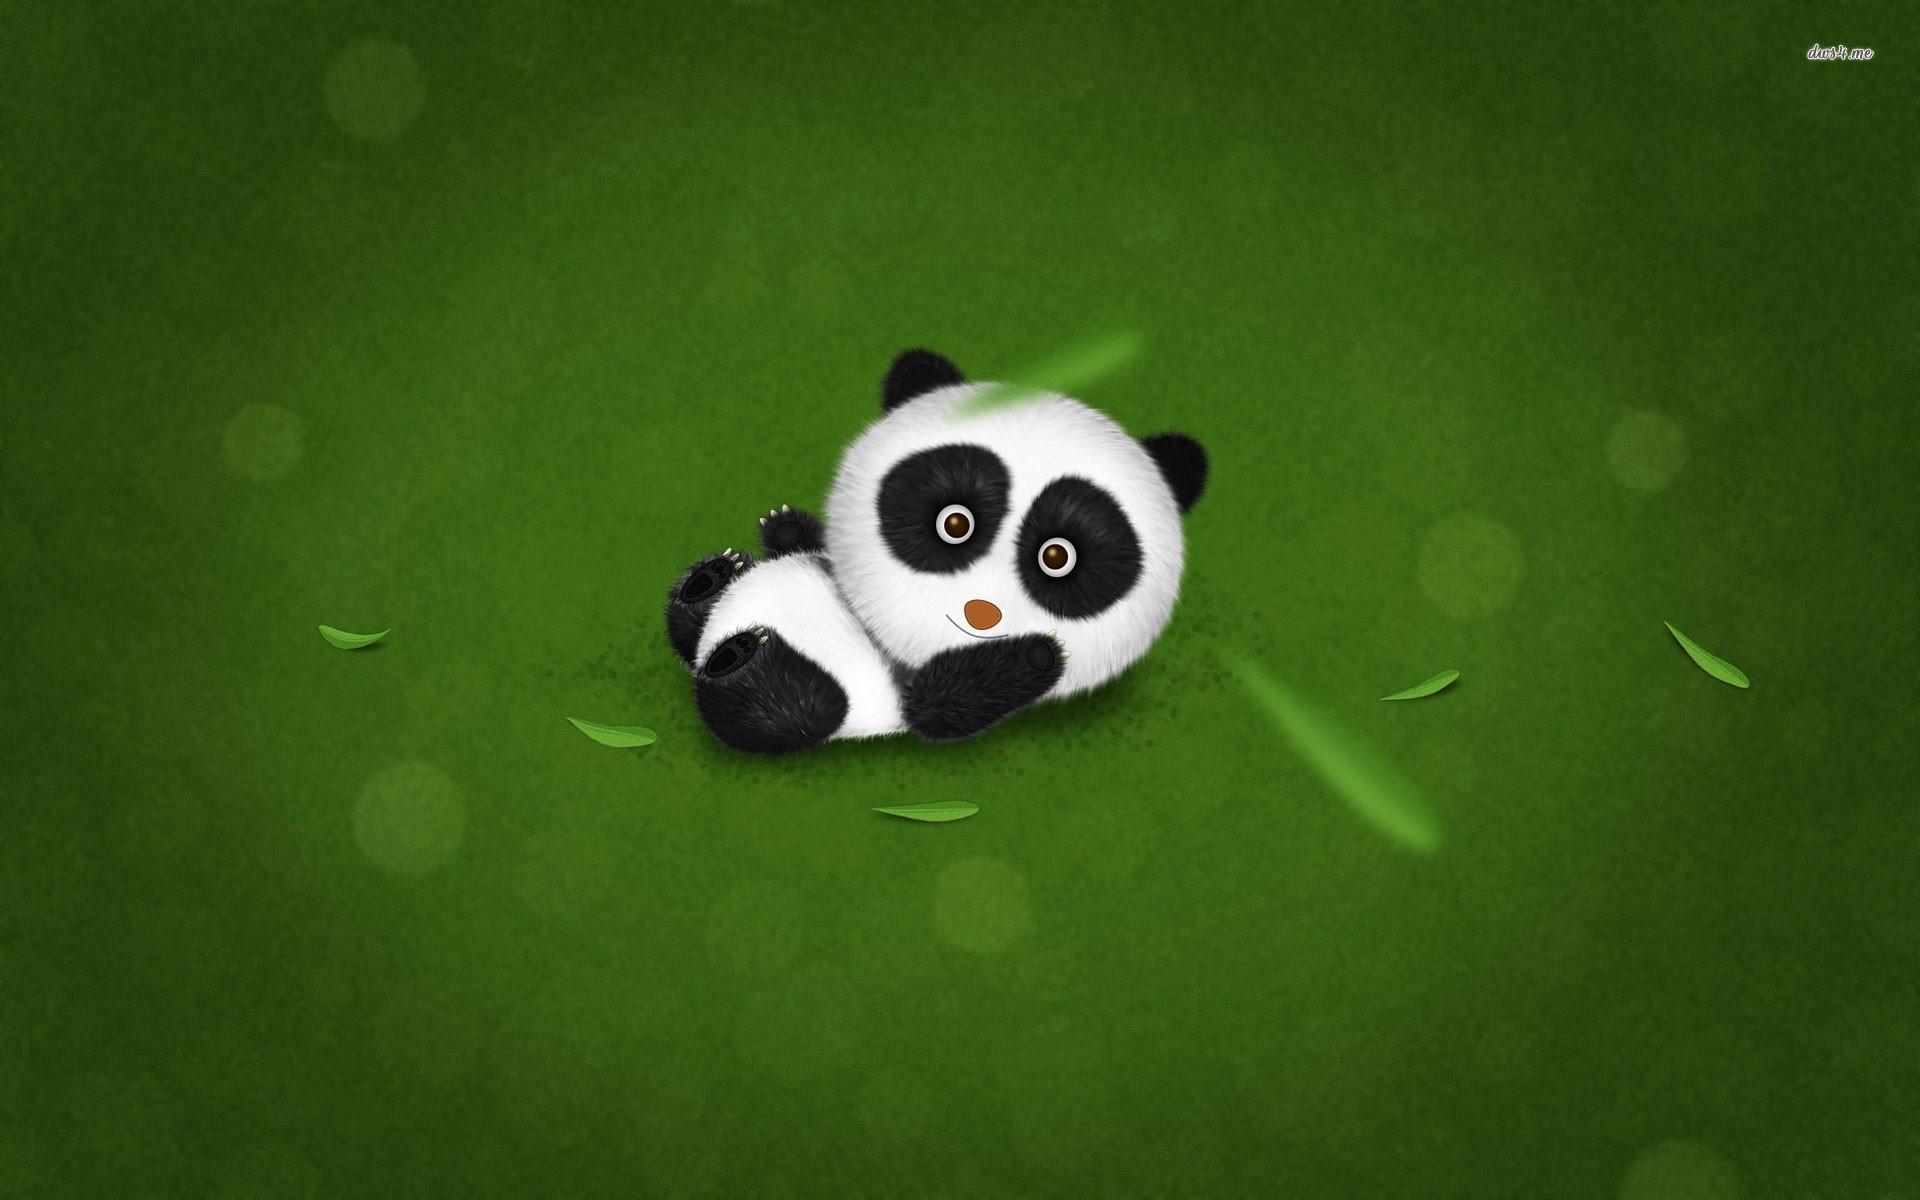 Baby panda wallpaper   Digital Art wallpapers   10810 1920x1200